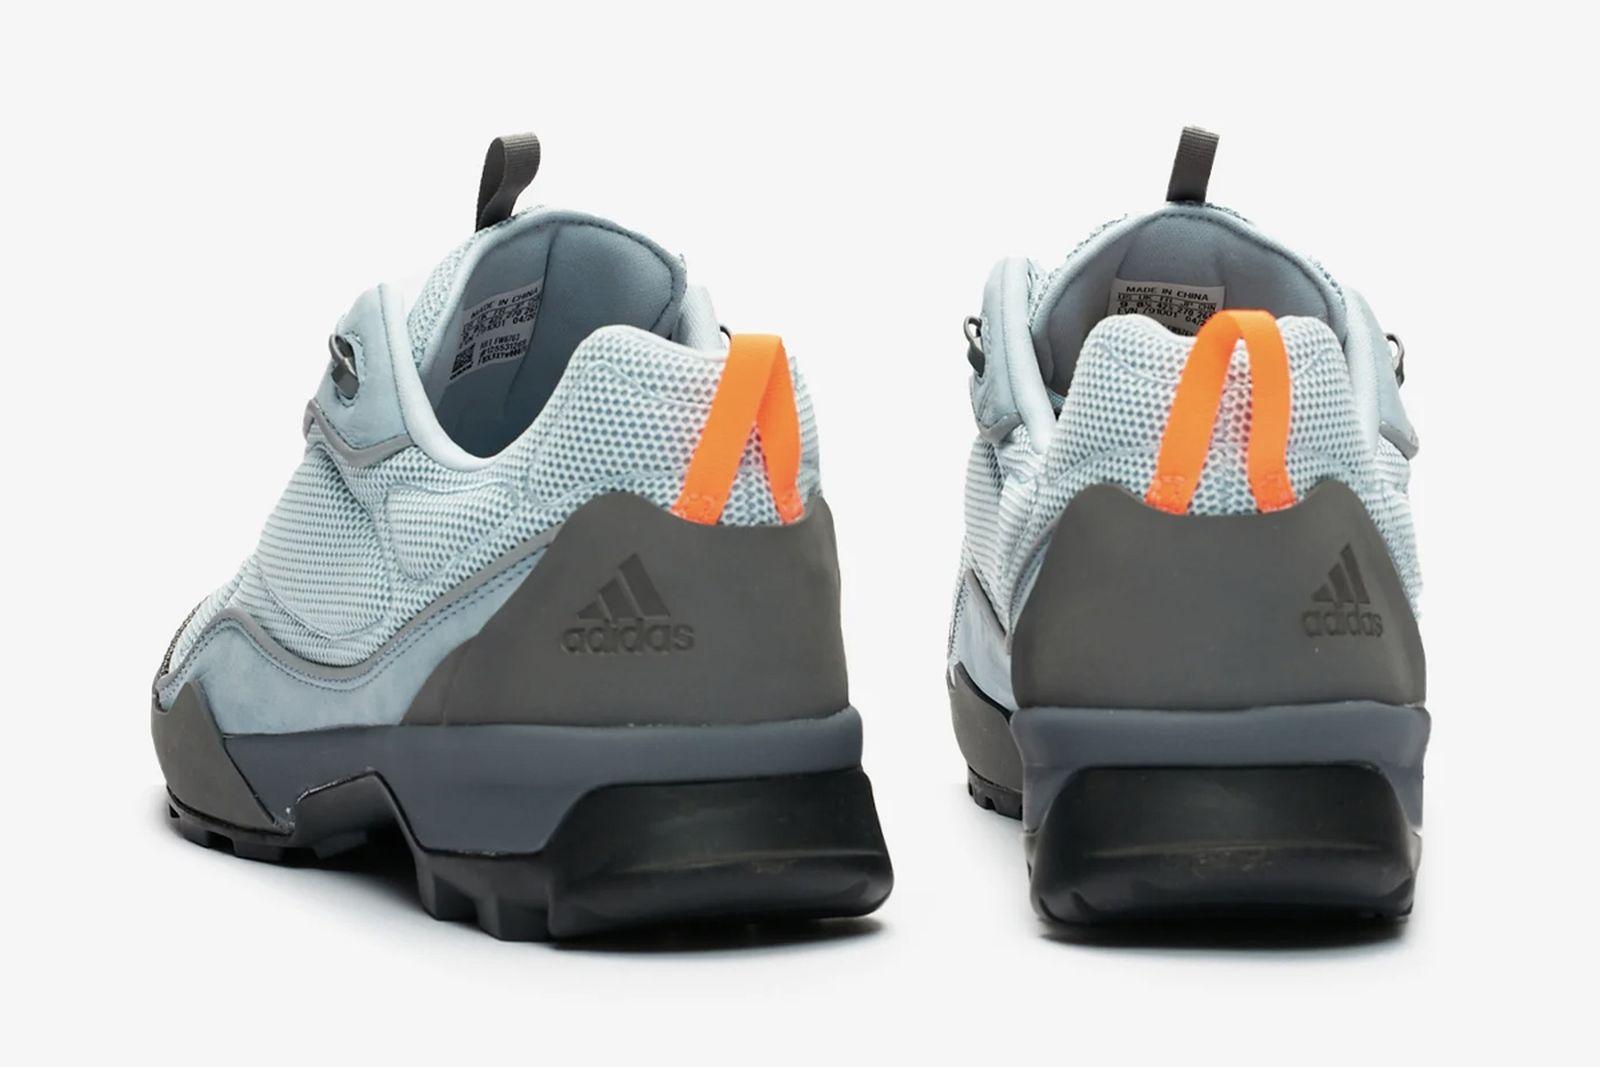 adidas-consortium-sahalex-release-date-price-03